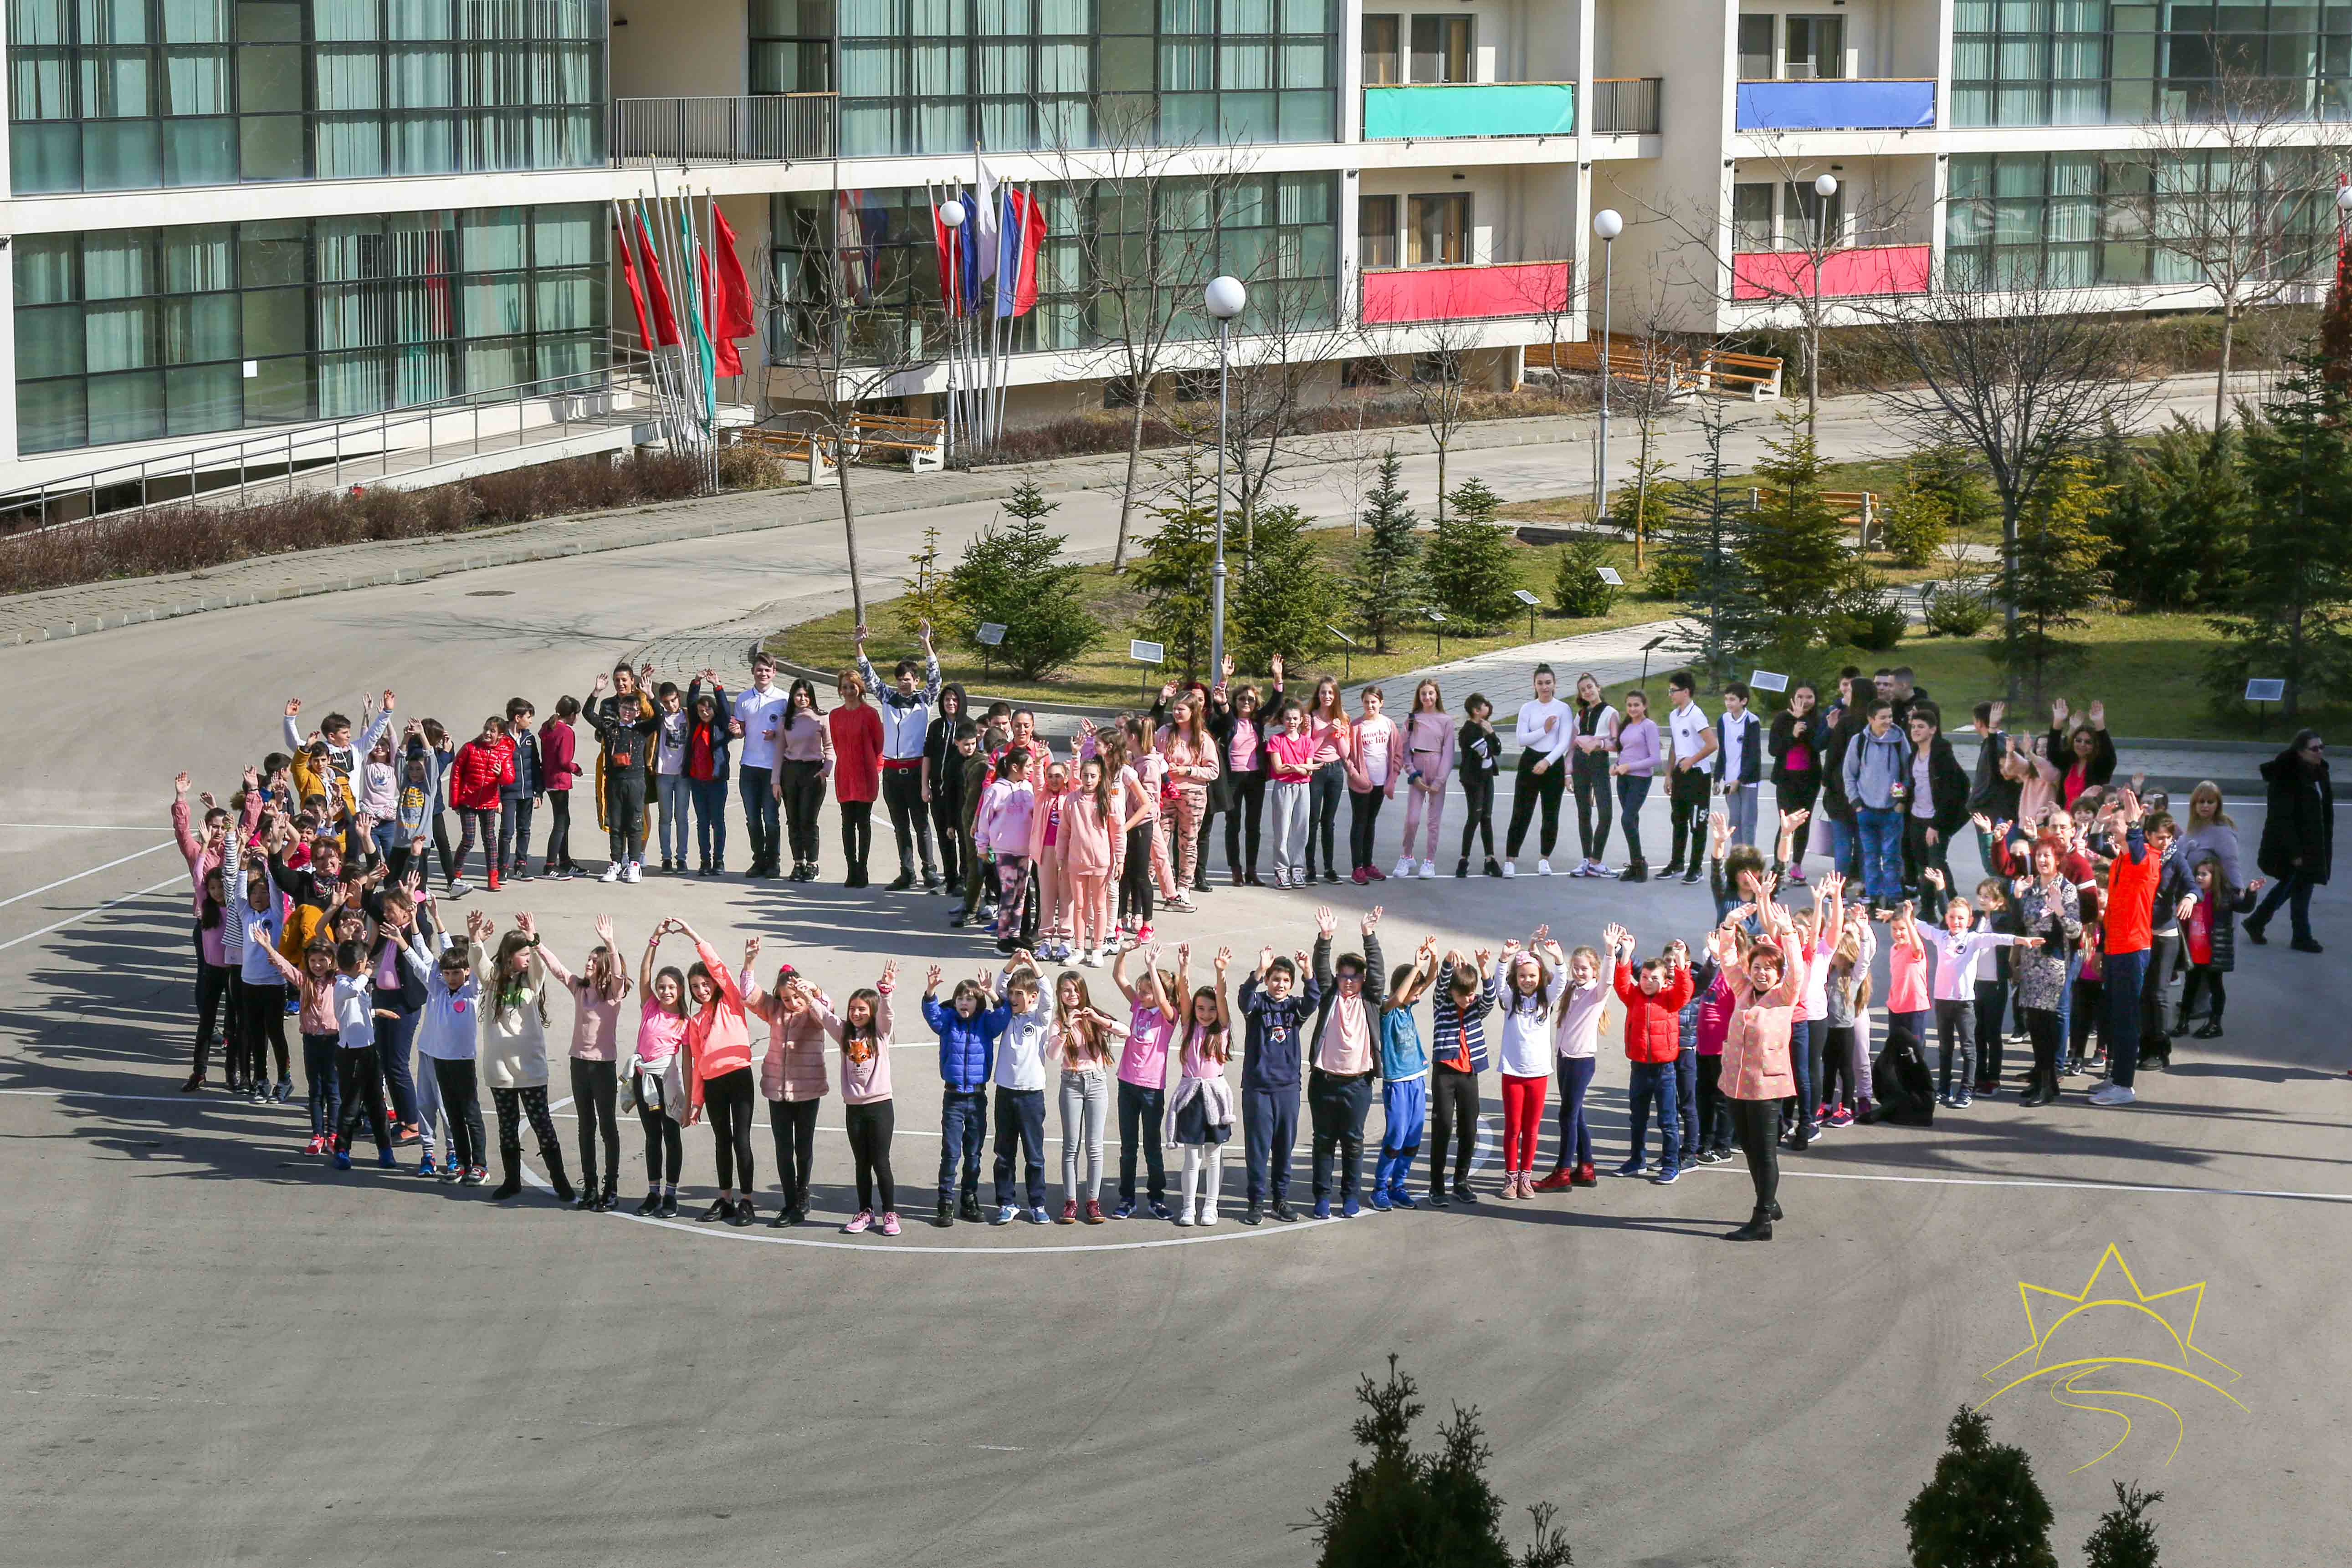 """Учениците от ЧСУ """"ЮРИЙ ГАГАРИН"""" облякоха розови фланелки, в знак на подкрепа срещу агресията в училище"""